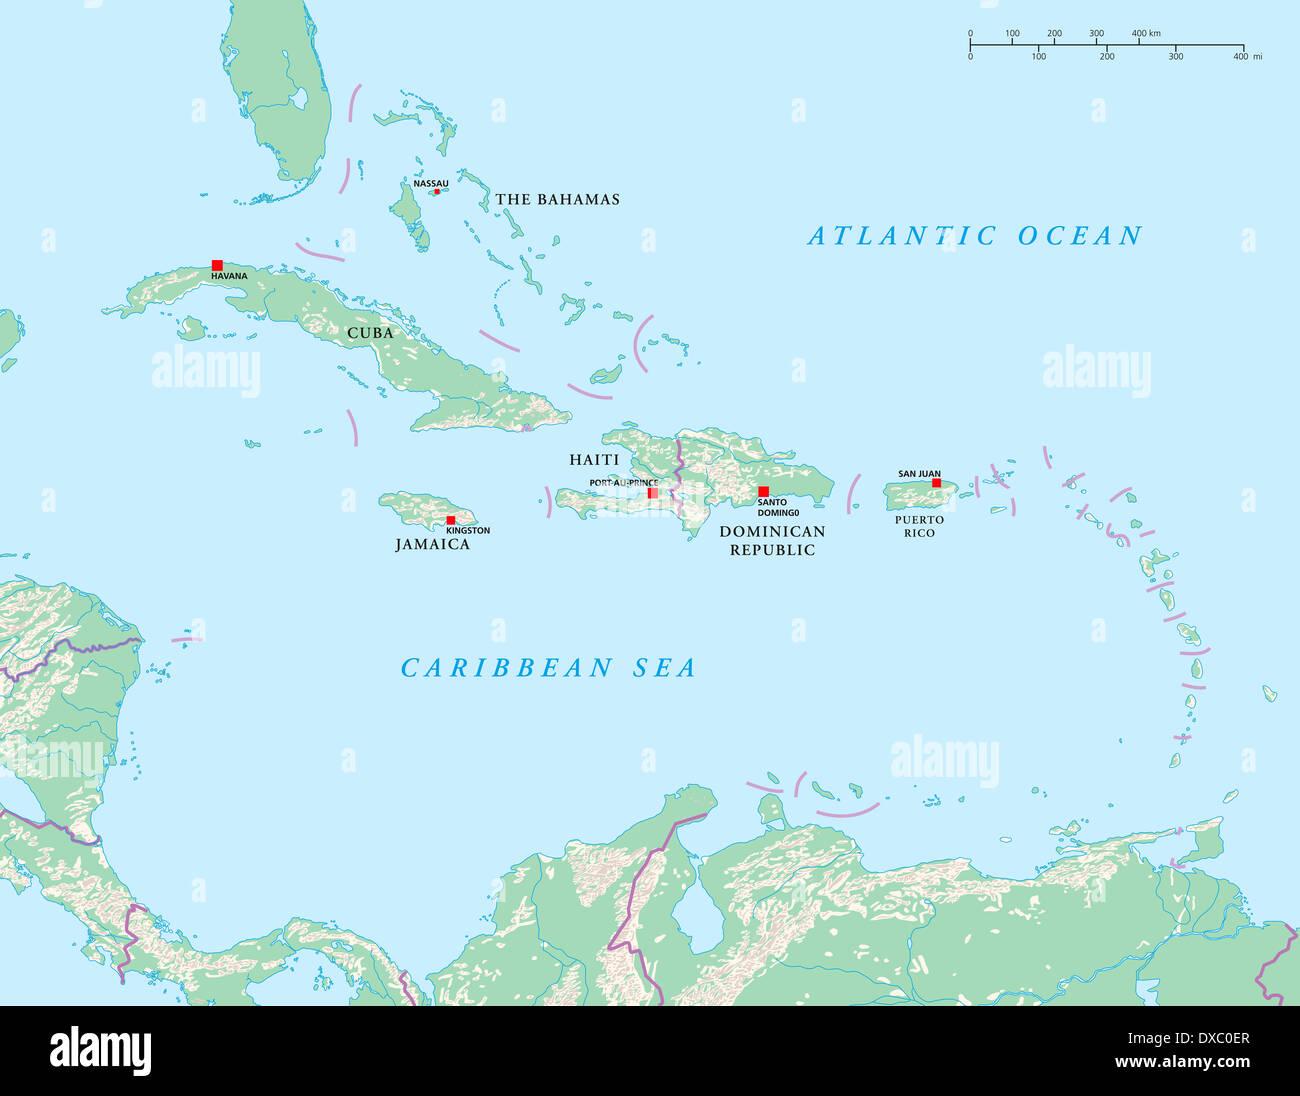 Caribbean Islands Map Stock Photos & Caribbean Islands Map Stock ...